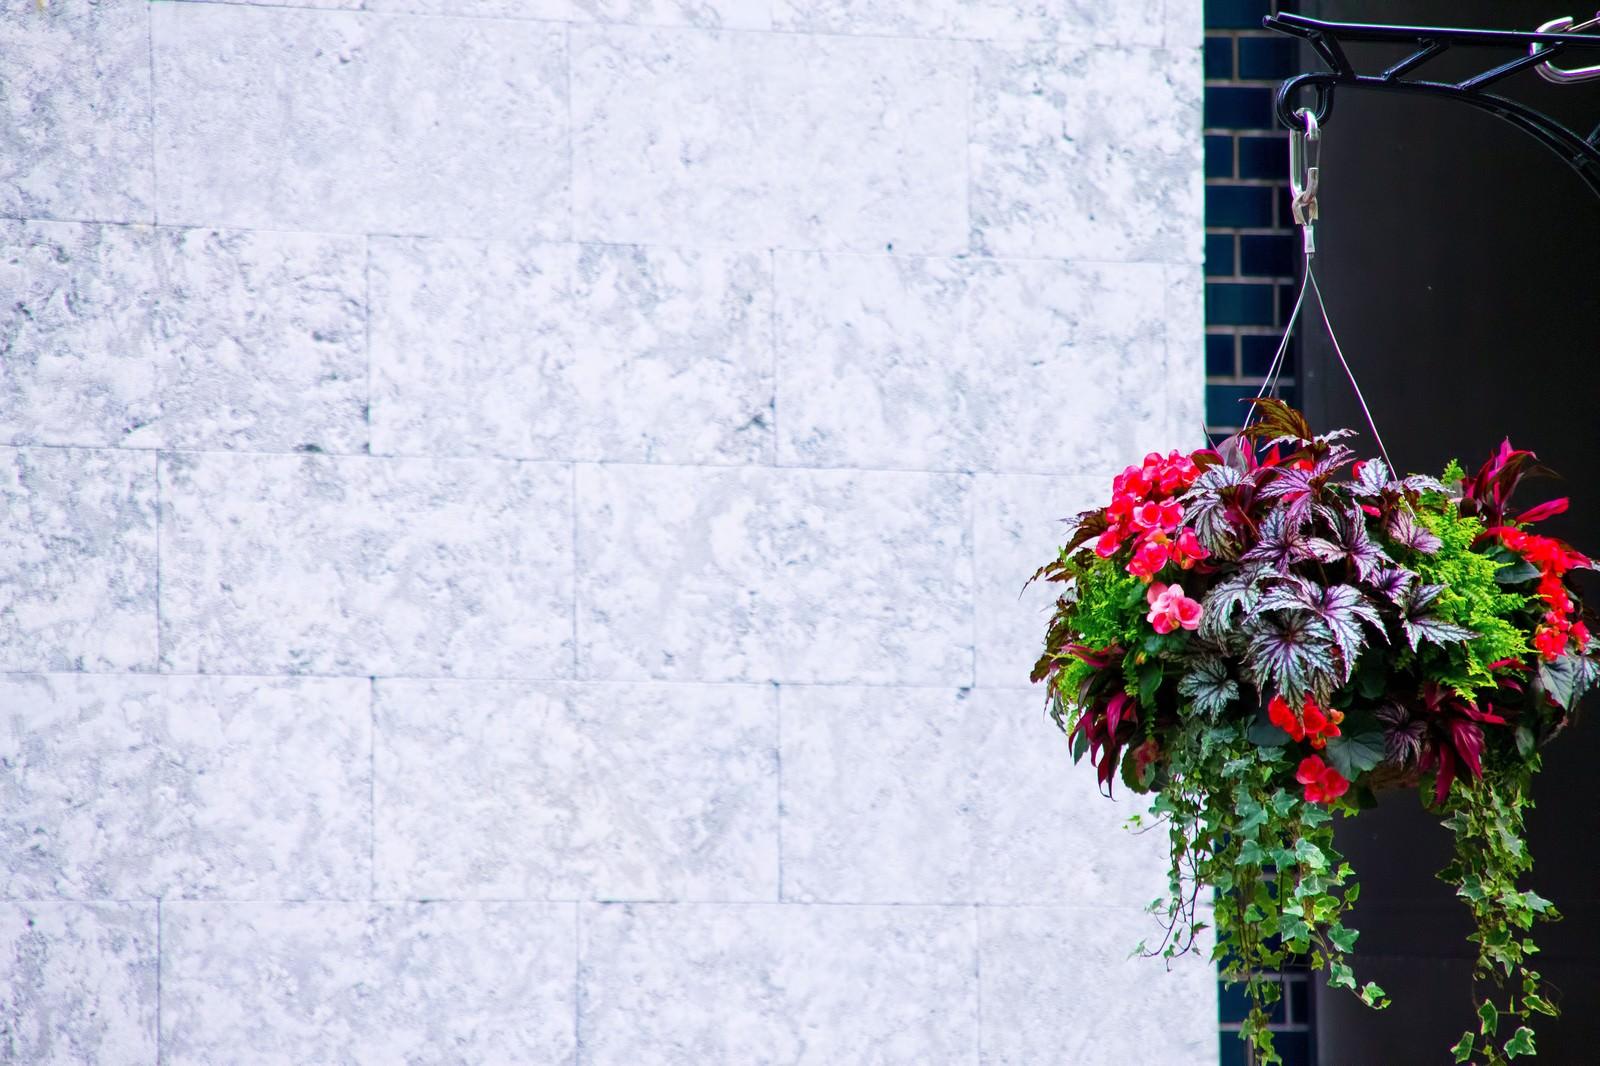 「吊るされた鮮やかな花」の写真